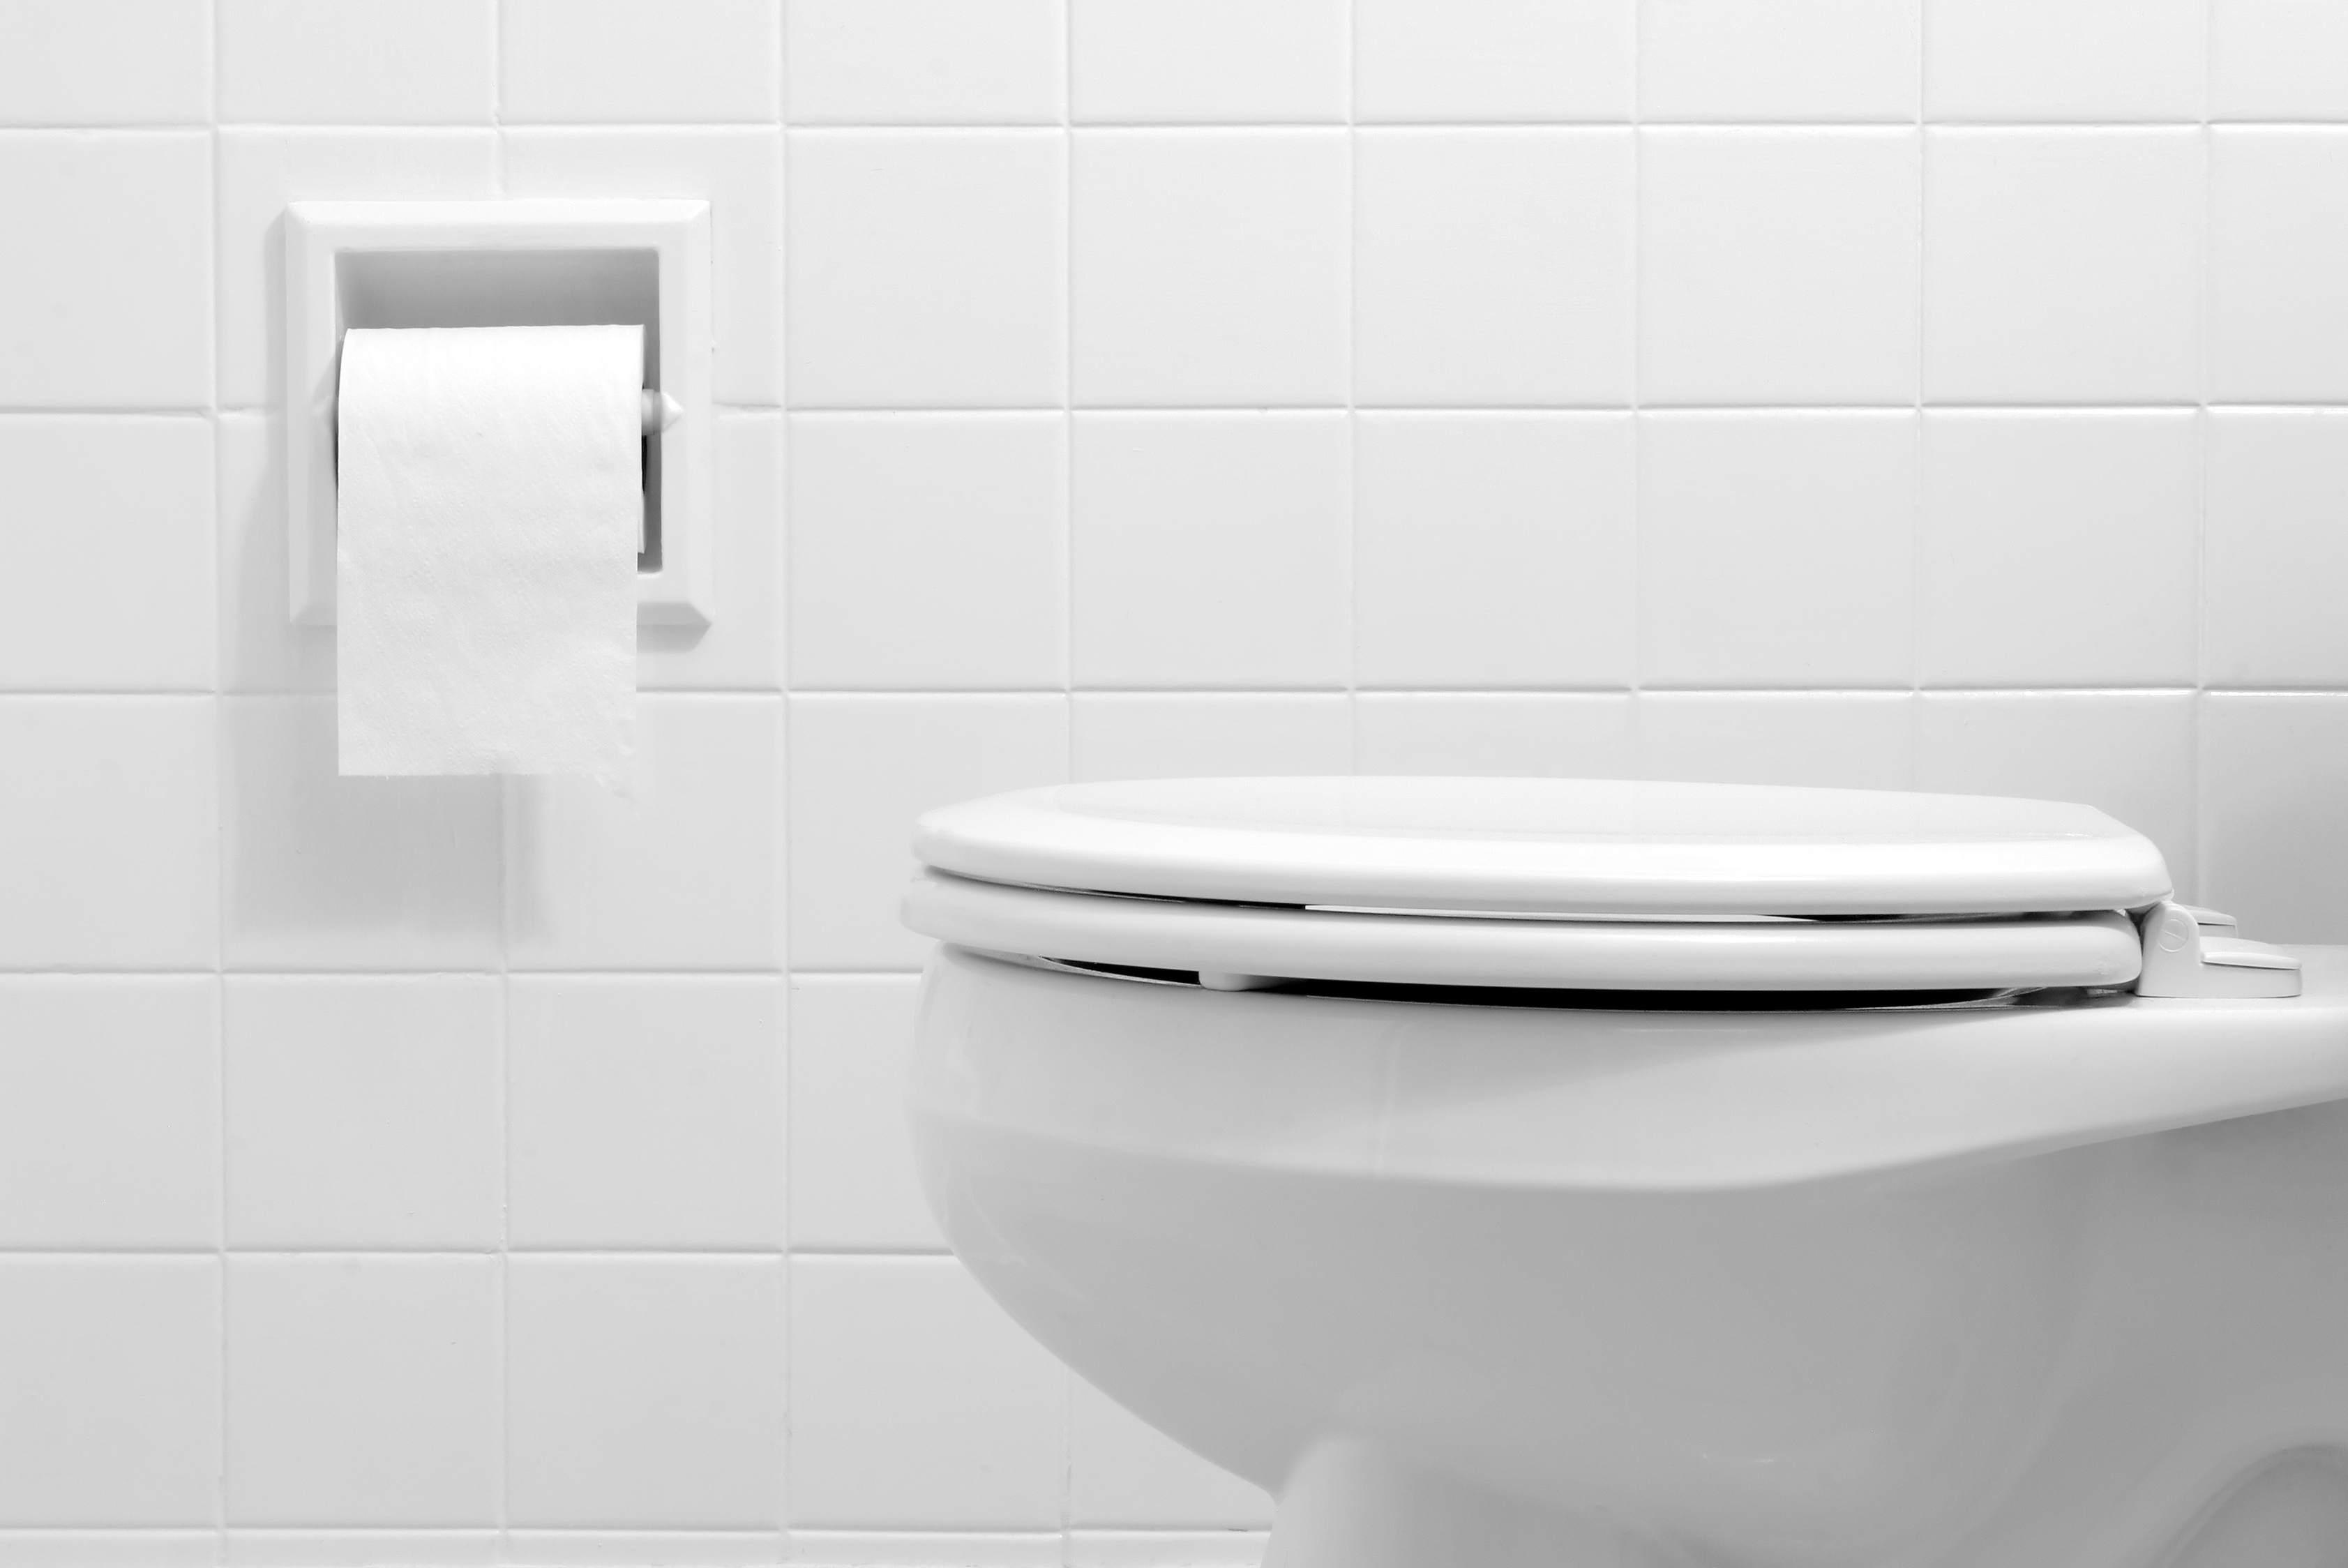 Cleaning Bathroom Tiles White Vinegar